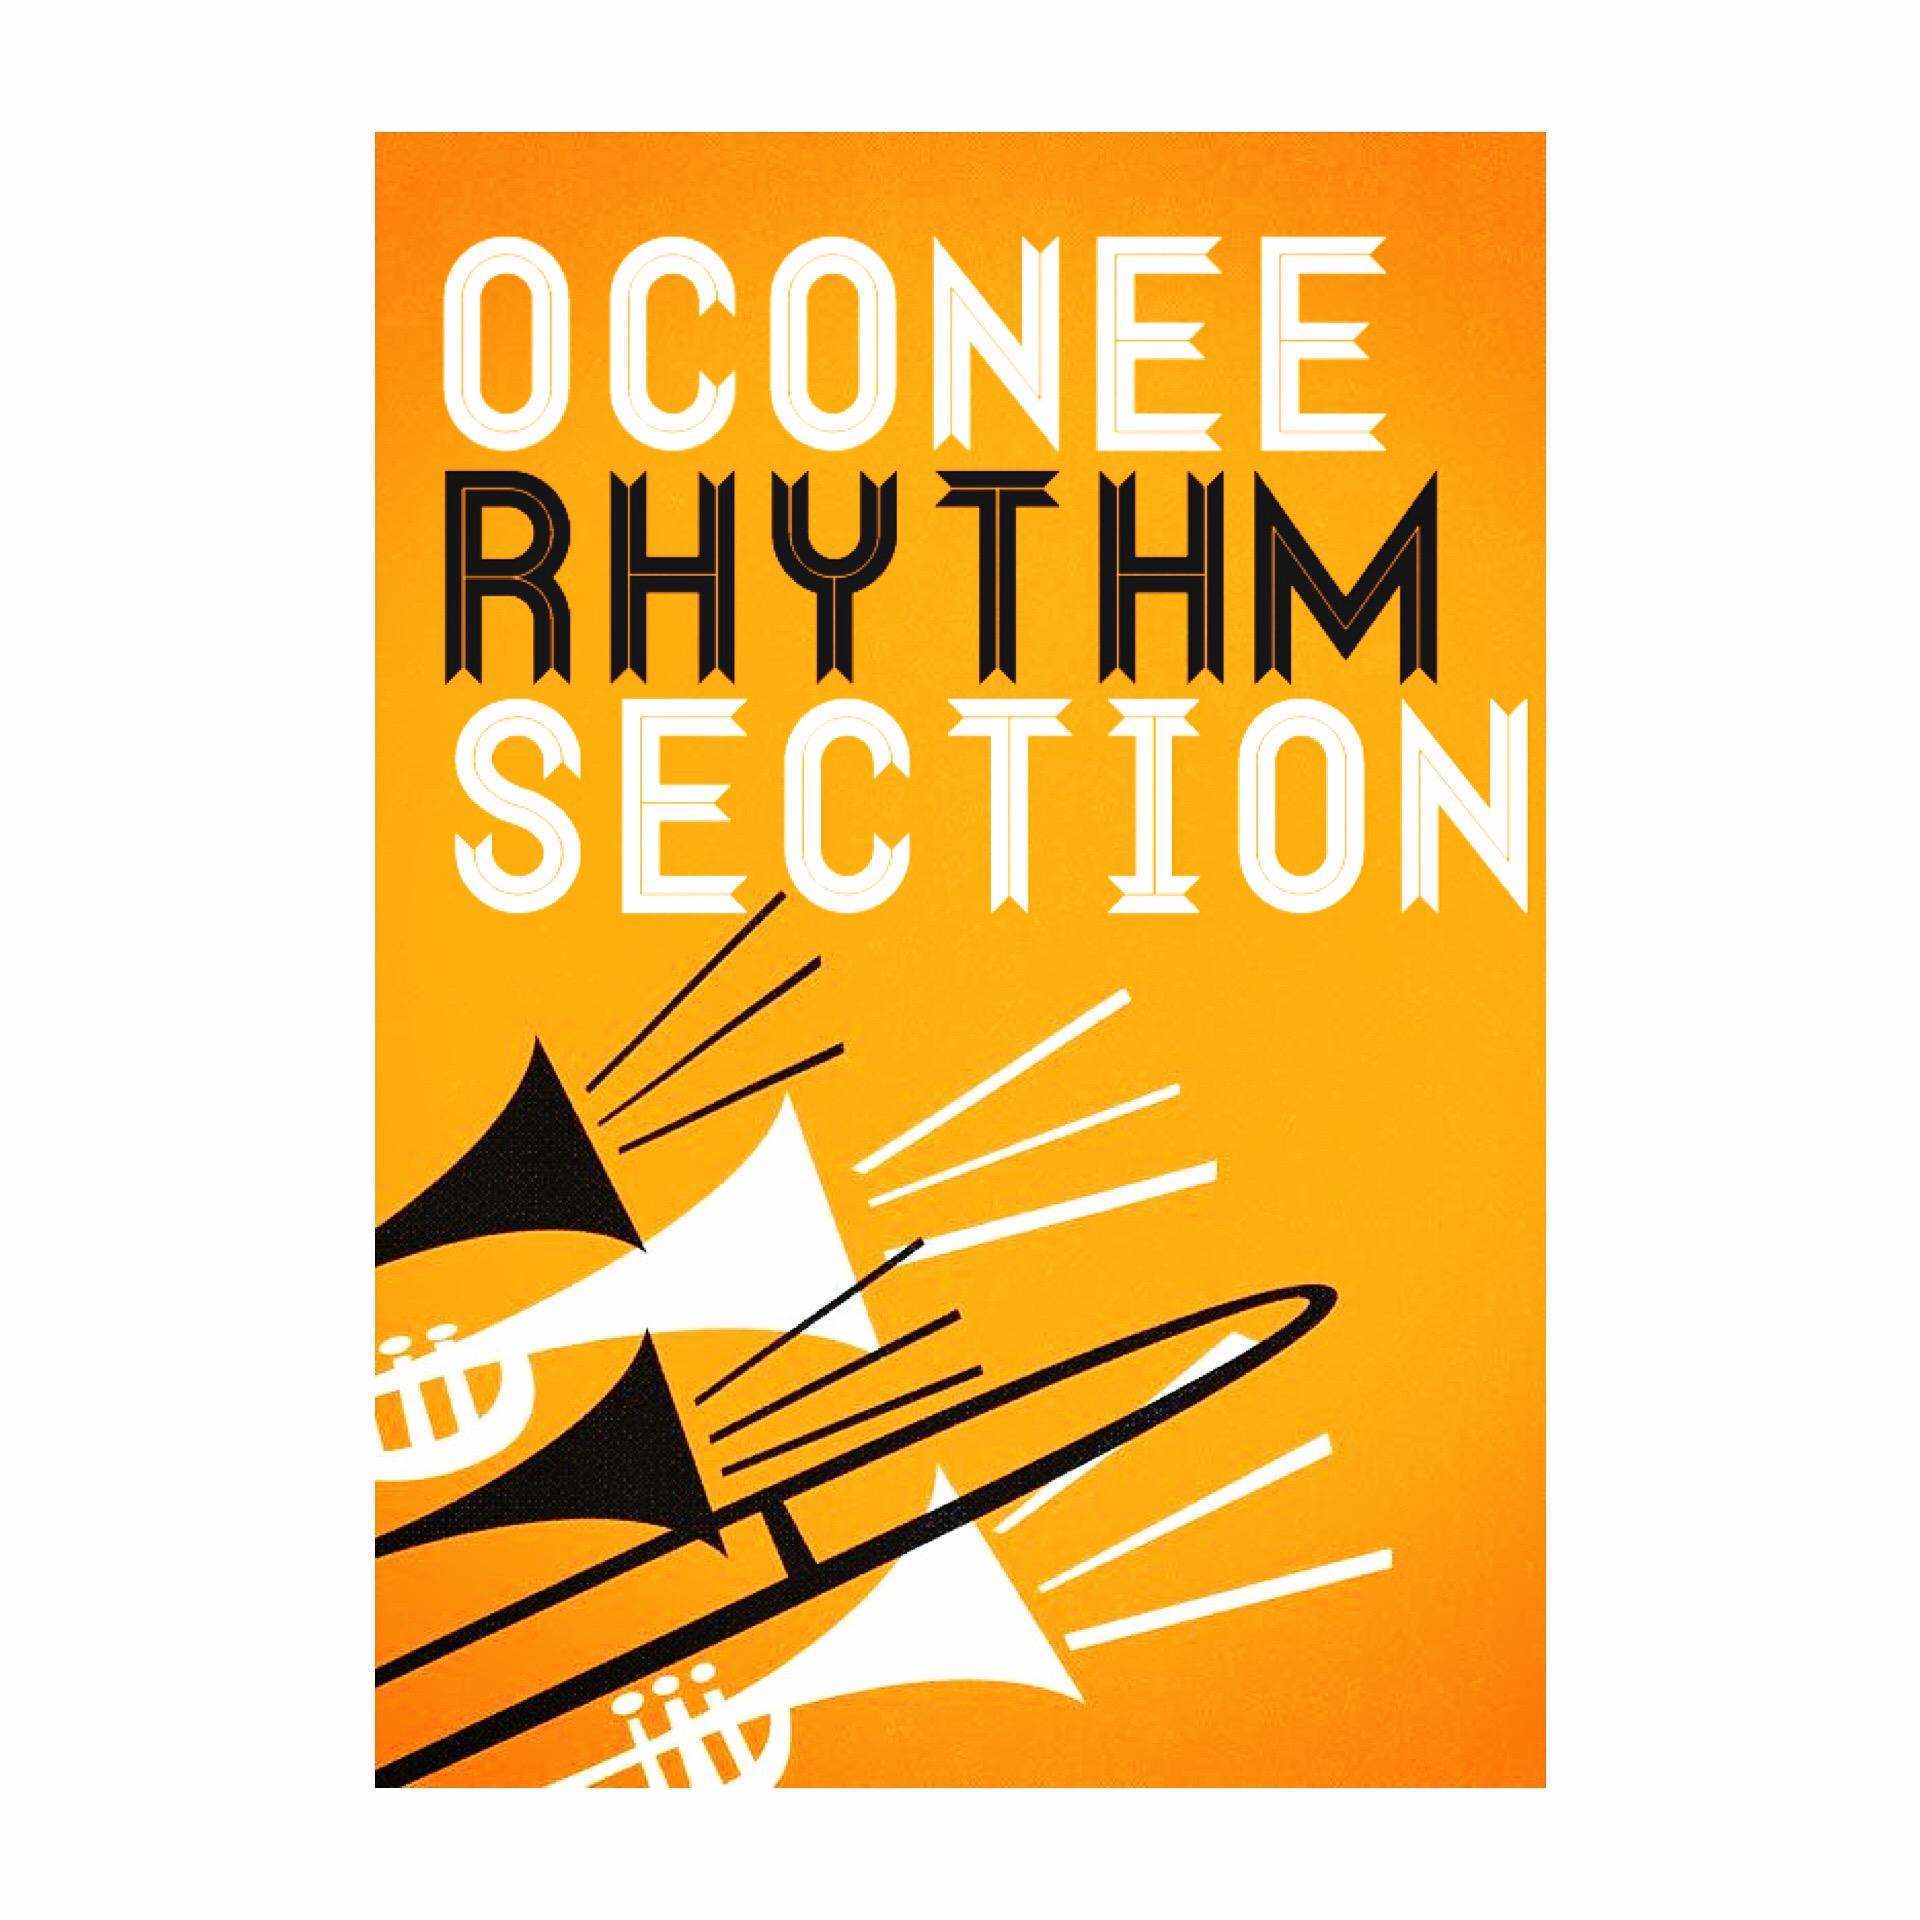 Oconee Rhythm Section.JPG